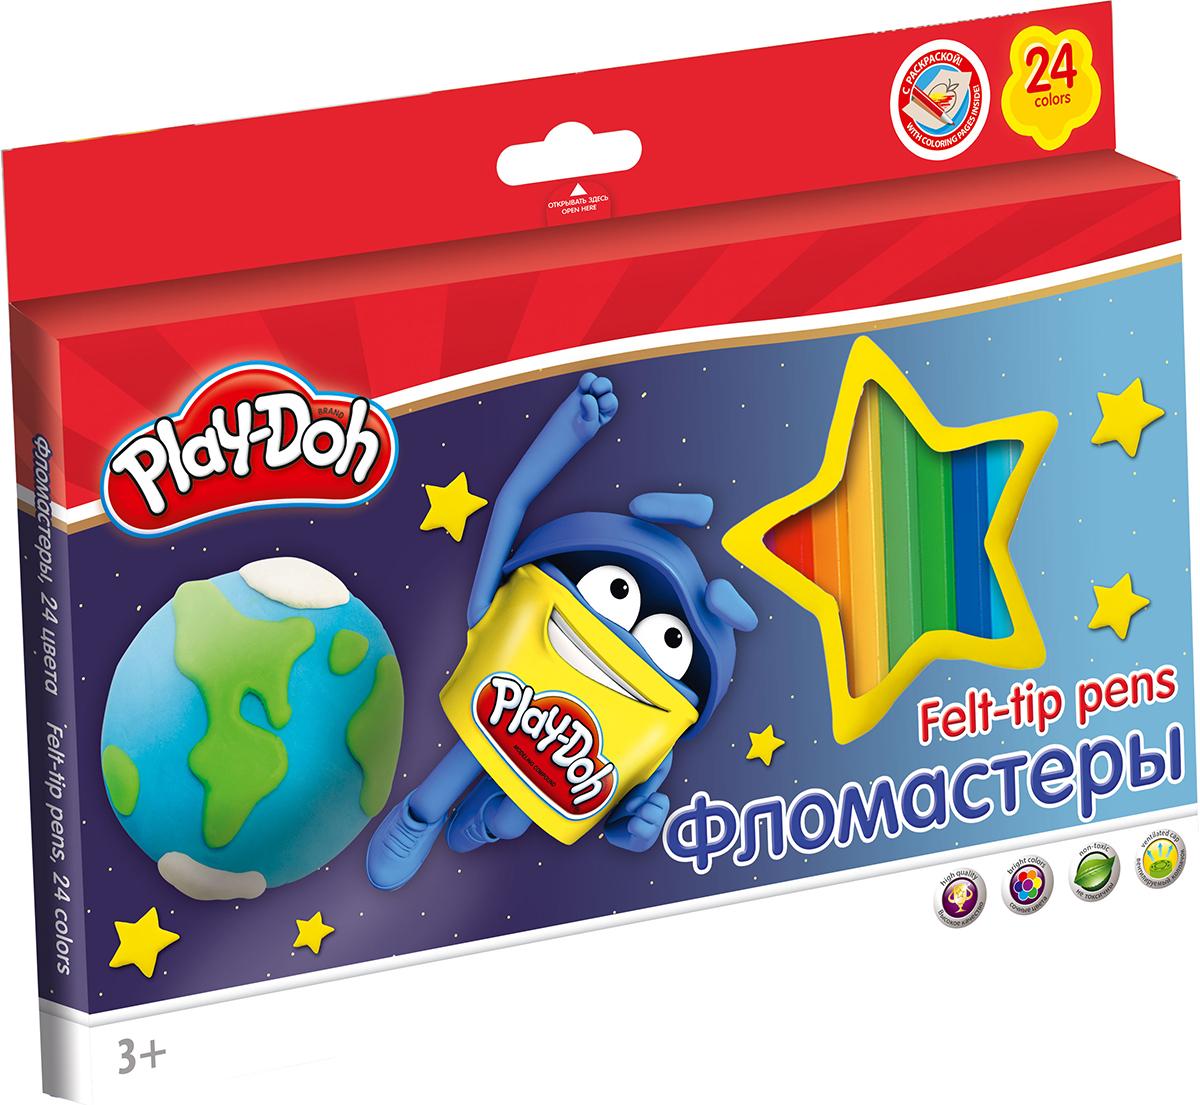 Play-Doh Набор фломастеров 24 цвета72523WDНабор фломастеров Play-Doh, предназначенный для художественно-оформительских работ, обязательно порадует юных художников и поможет создать яркие и неповторимые картинки.Корпус фломастеров изготовлен из высококачественного нетоксичного пластика, а вентилируемый колпачок увеличивает срок службы чернил и предотвращает их преждевременное высыхание. А благодаря нейлоновому стержню, увеличенному содержанию чернил и улучшенному пишущему узлу фломастеры прослужат еще дольше!Набор включает в себя 24 фломастера ярких насыщенных цветов, а также небольшую картинку-раскраску.